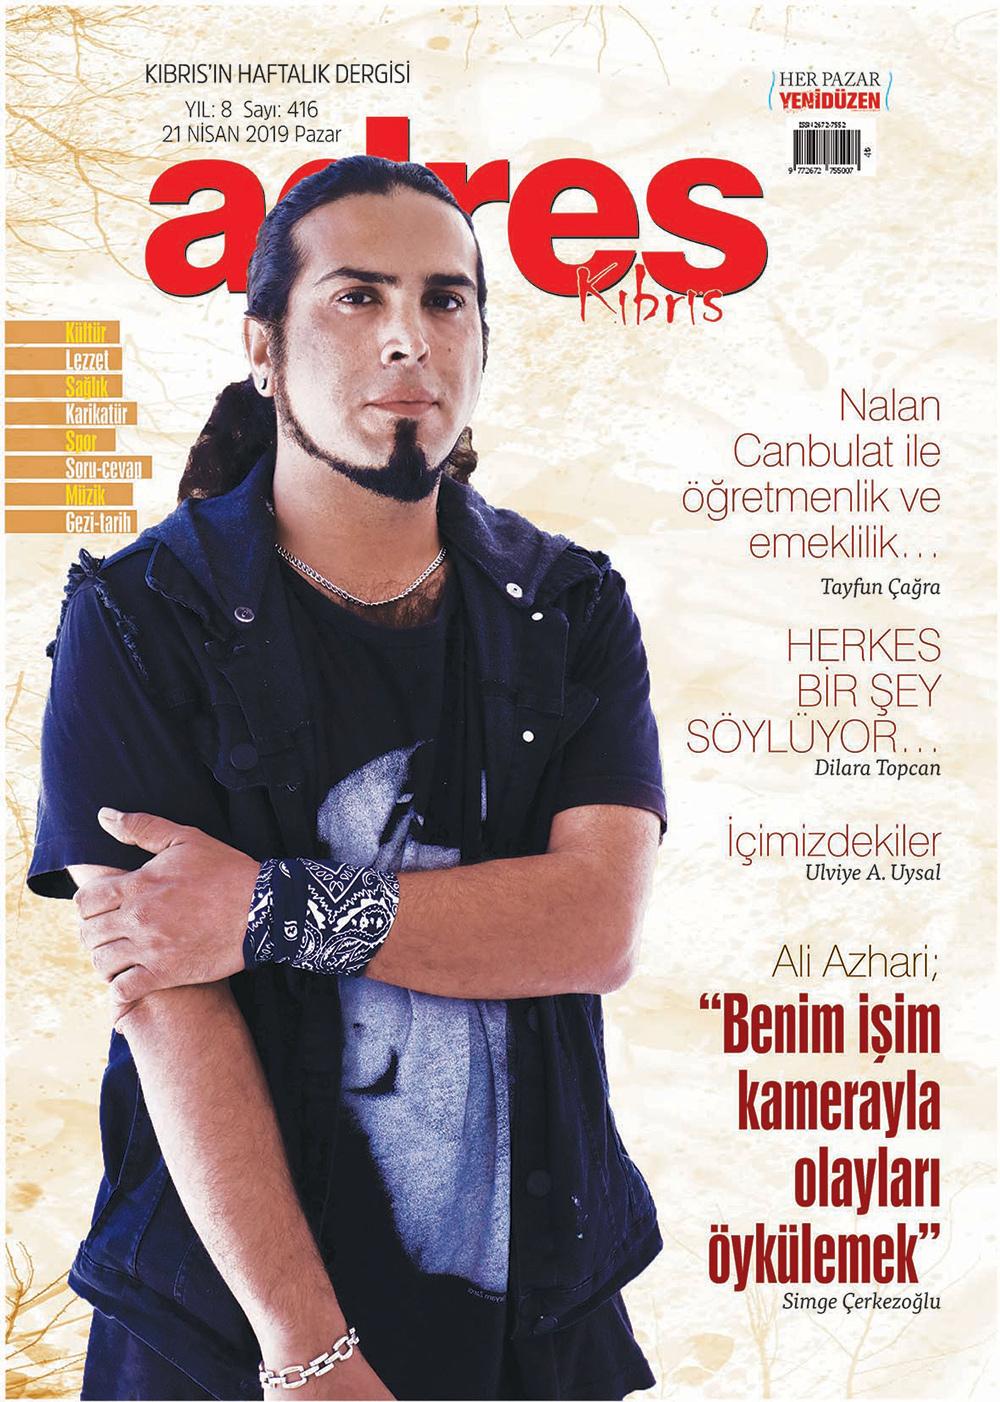 Adres Kıbrıs 416 Sayısı ISSN 2672-7560